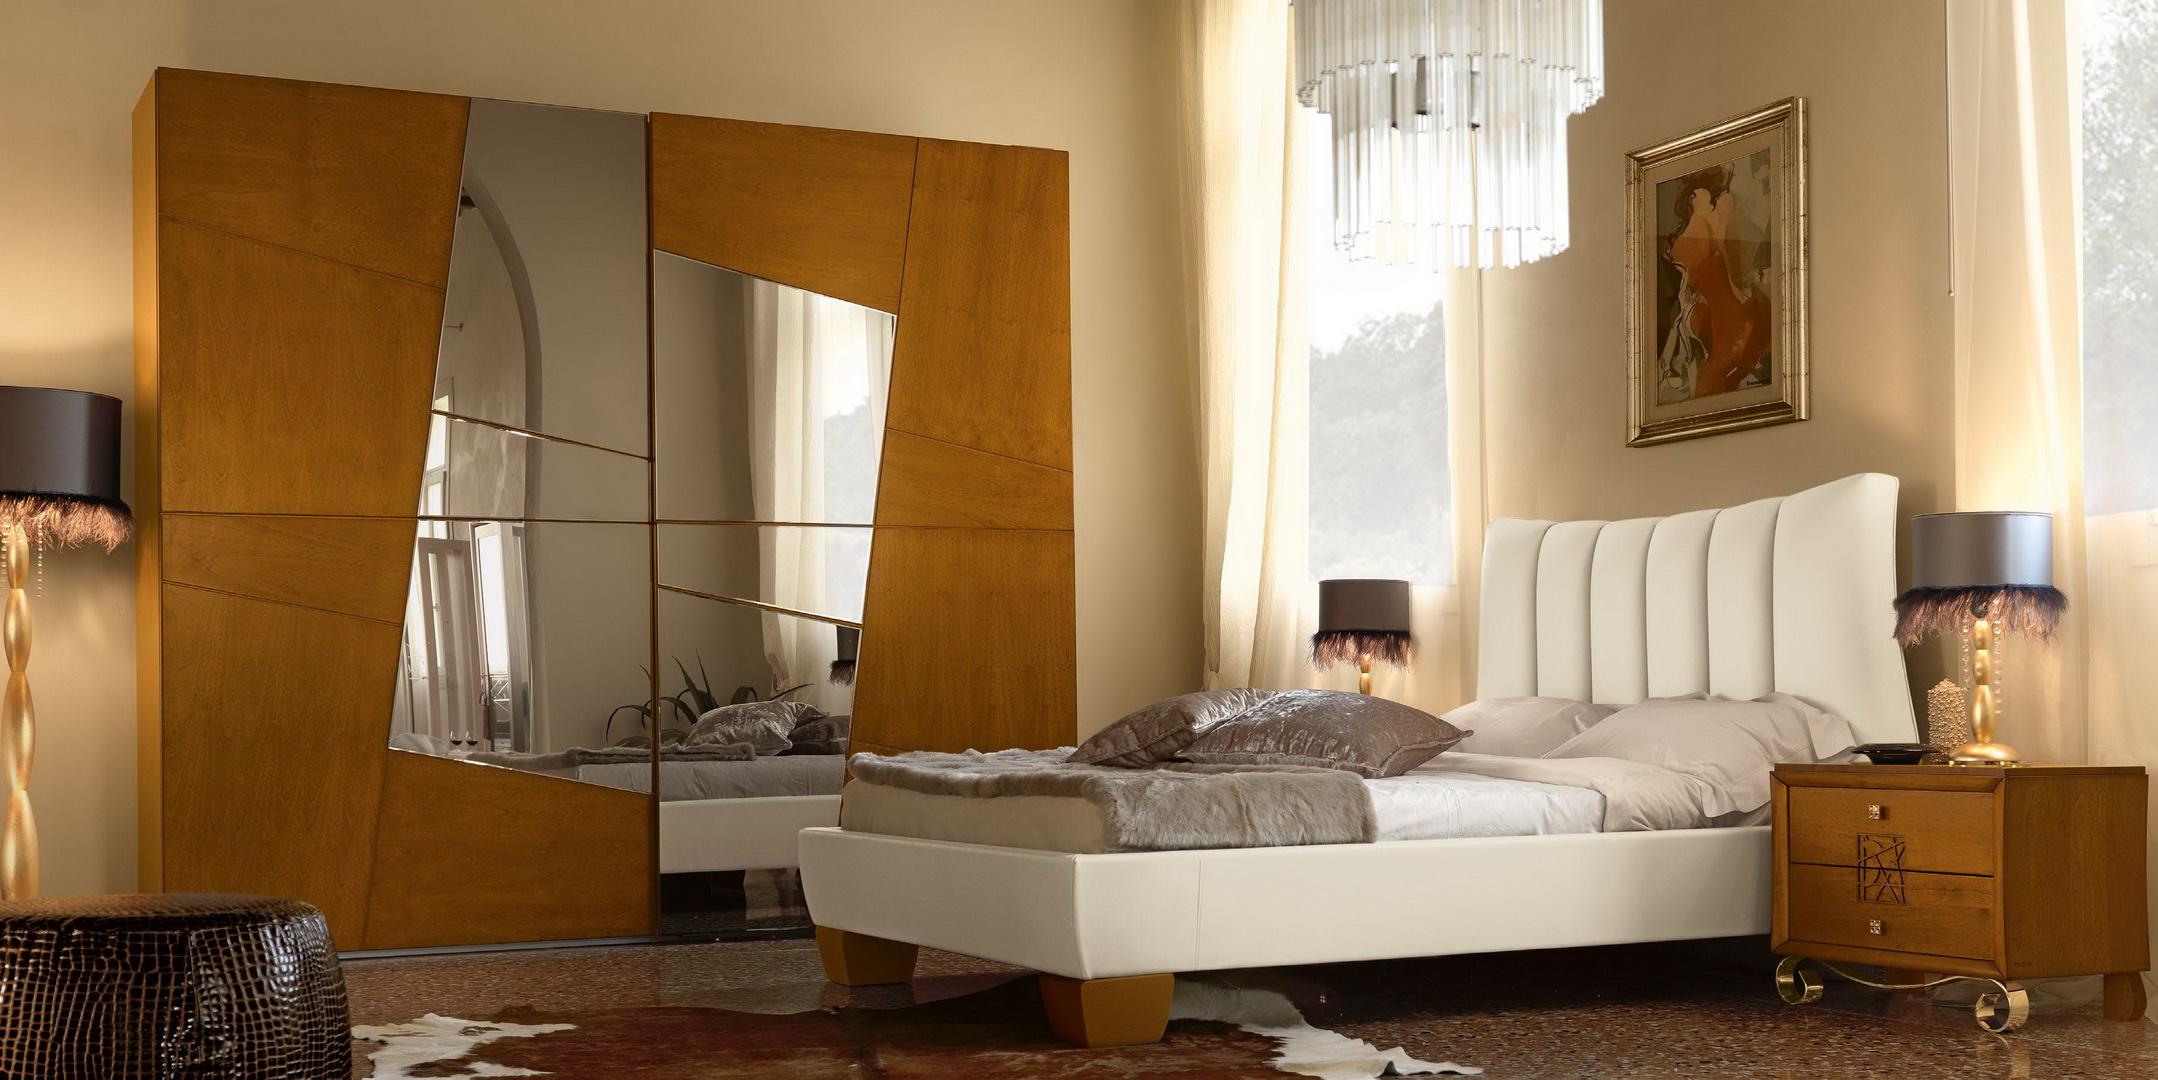 Camera da letto md10041 c4 home arredamenti cosenza for C4 arredamenti